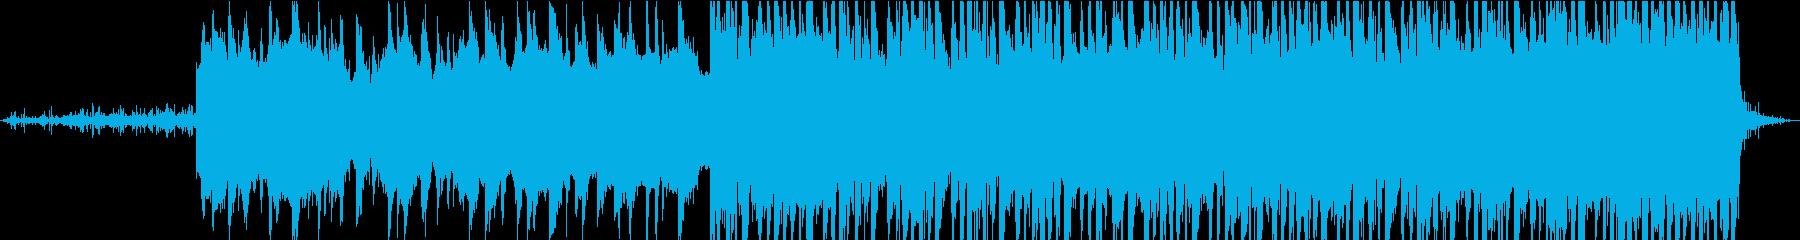 暗くて不気味なビッグビートのトラッ...の再生済みの波形